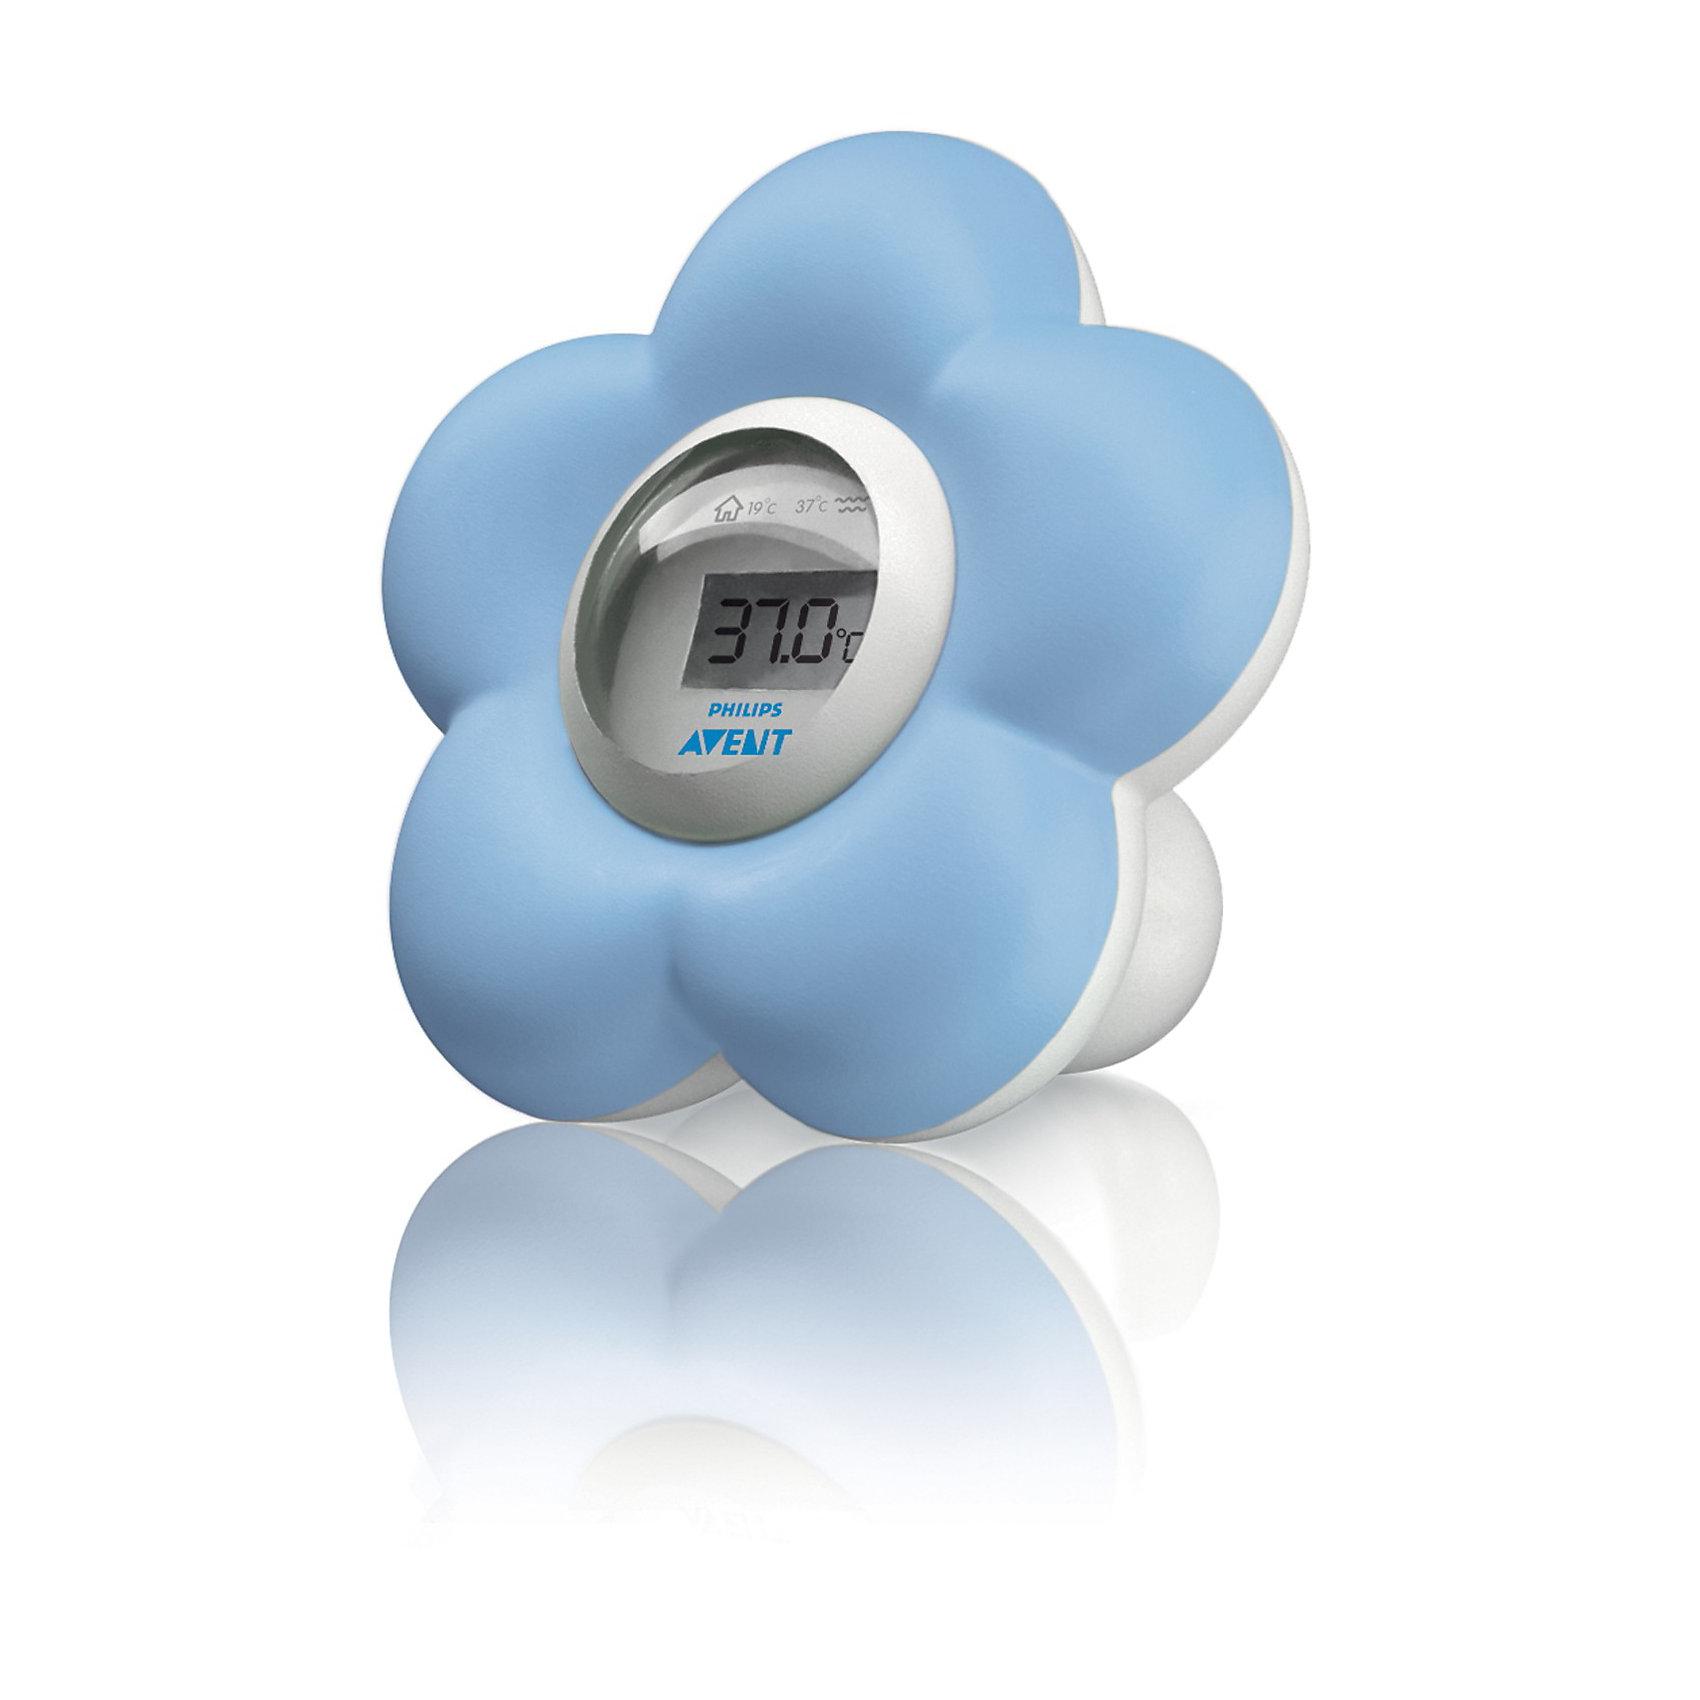 Цифровой термометр для воды и воздуха AVENTПрочие аксессуары<br>С помощью привлекательного  и простого  в употреблении  термометра для ванной и помещений удобно контролировать температуру, как  в детской, так и в ванной. Кроме того, исследования доказали абсолютную безопасность данного прибора, который можно использовать как игрушку для ребенка в ванной. Термометр  постоянно готов к работе, просто опустите его в воду или поставьте на полку в комнате ребёнка.  <br><br>Дополнительная информация:<br>• Диапазон температур для работы: 10 - 45 °C<br>•Точность: +/-1 °C<br>•Тип элемента питания: LR44<br>•Количество батарей: 2<br>•Съемный/ сменный: Да<br>•Руководство пользователя: Да<br><br>Кроме того, термометр может использоваться как игрушка для ванны – он испытан на безопасность в этом качестве, а также не тонет в воде.<br><br>Ширина мм: 80<br>Глубина мм: 80<br>Высота мм: 90<br>Вес г: 180<br>Возраст от месяцев: 0<br>Возраст до месяцев: 24<br>Пол: Унисекс<br>Возраст: Детский<br>SKU: 2174526